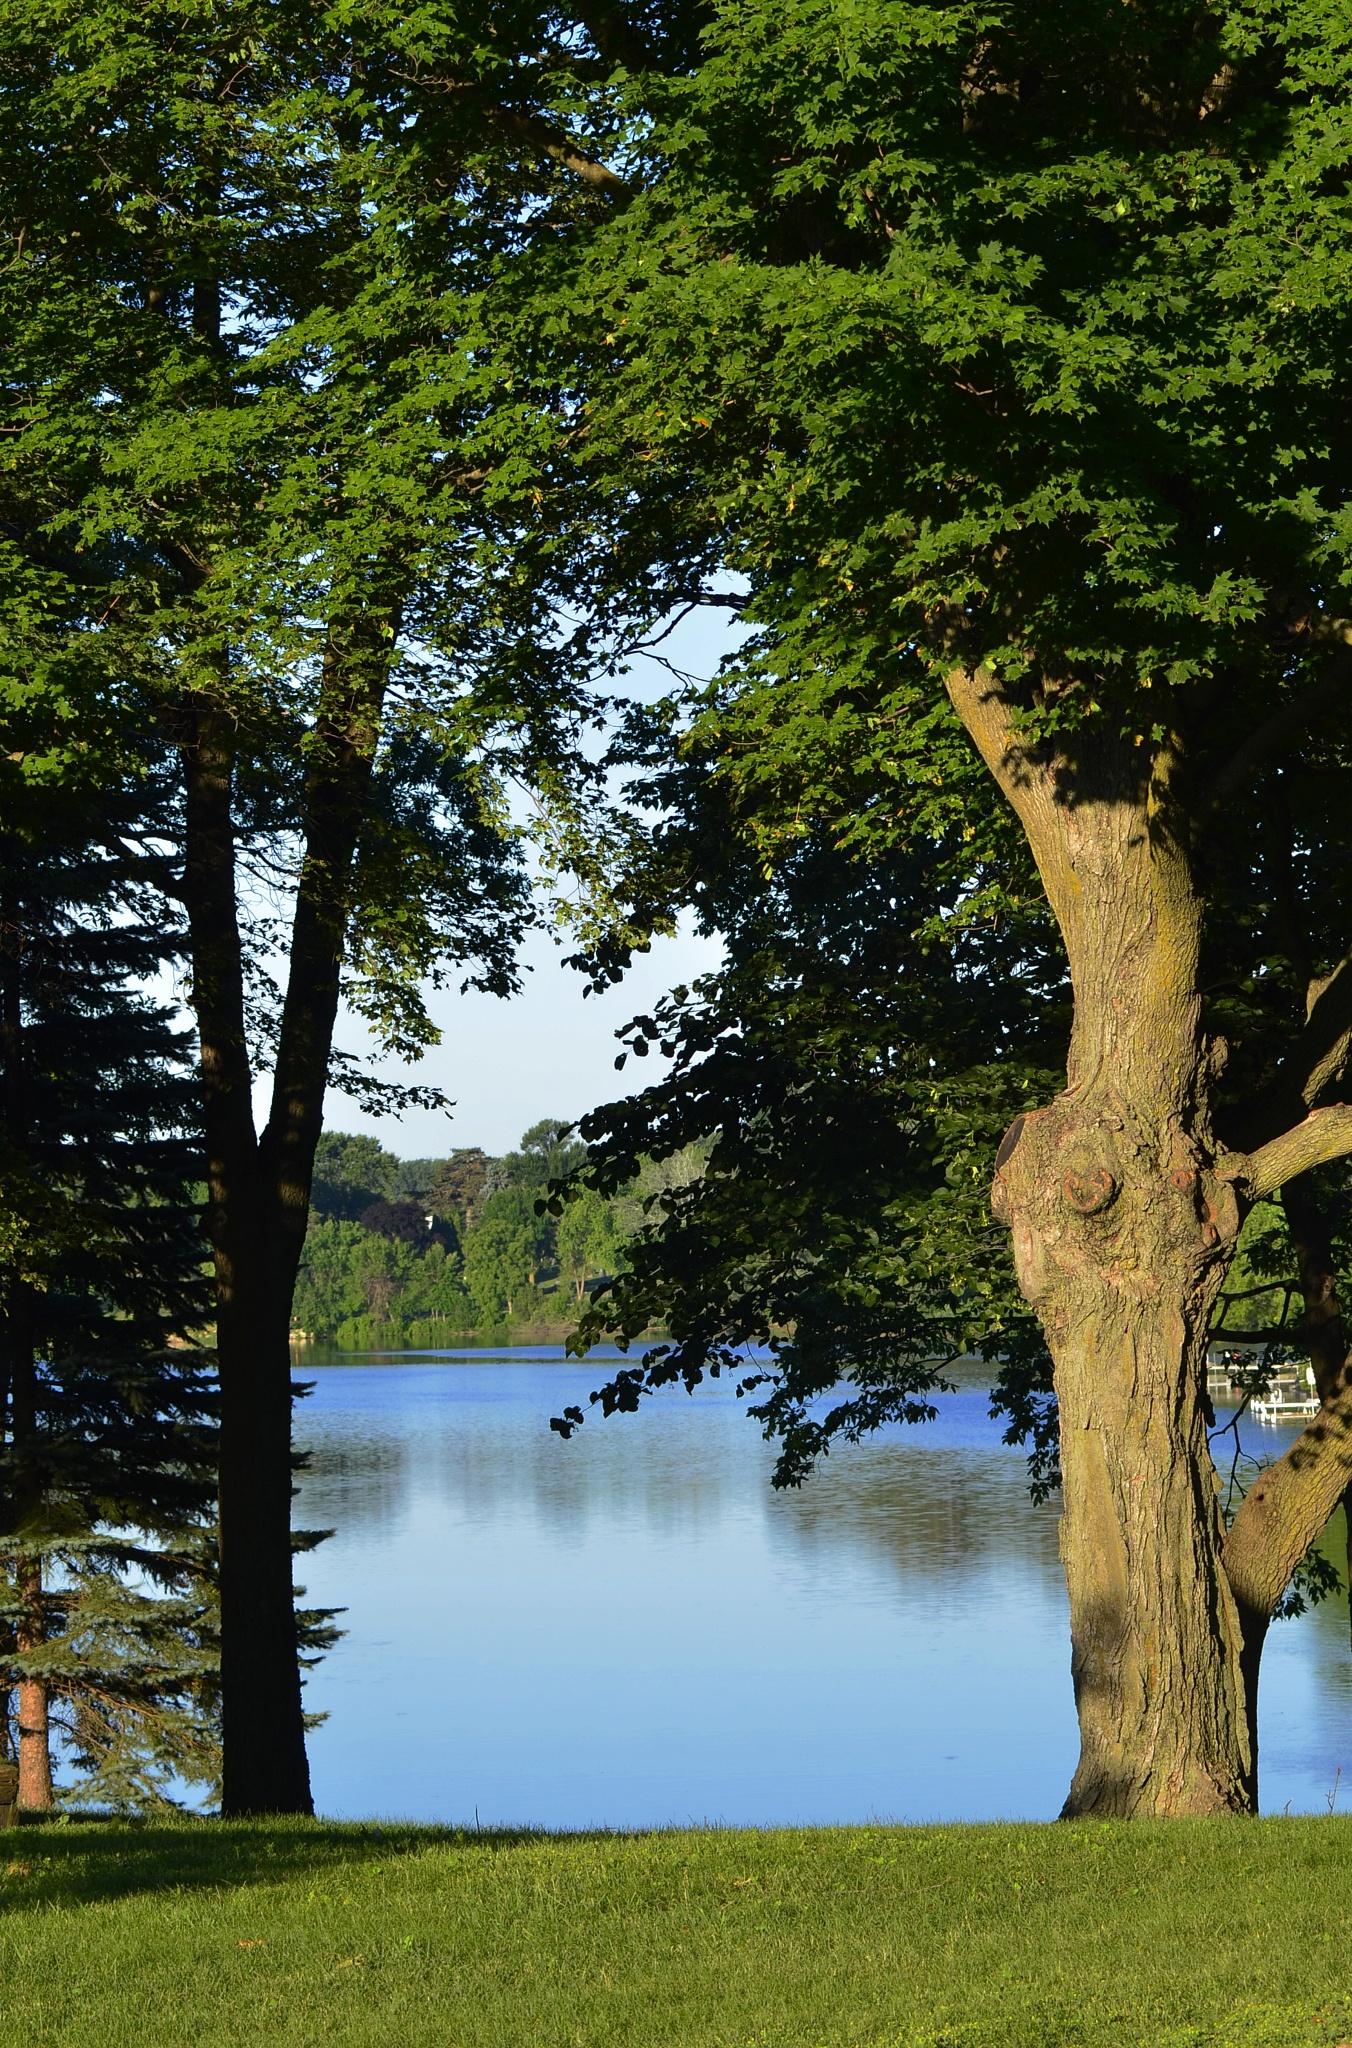 Lake View by Kimberly Ronan